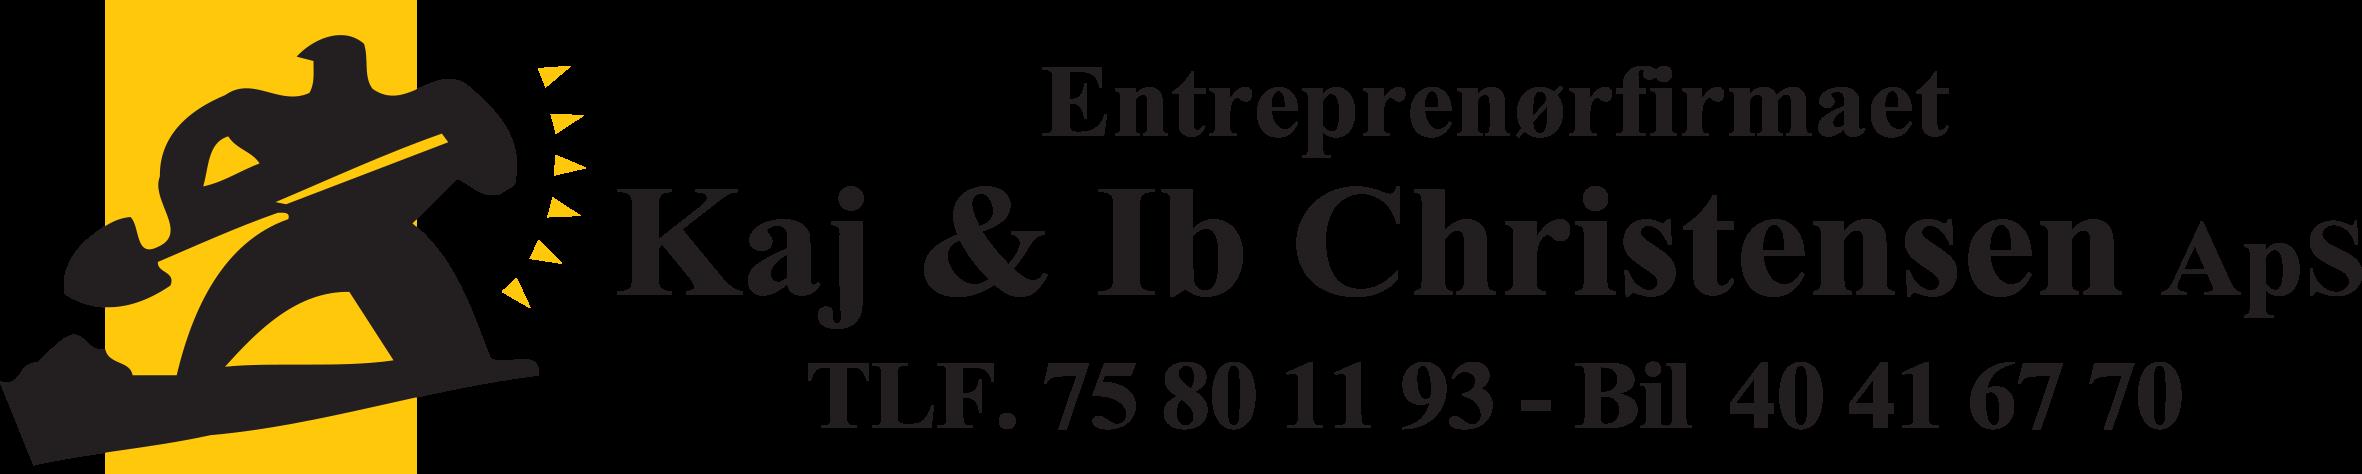 Kaj og Ib Christensen Logo